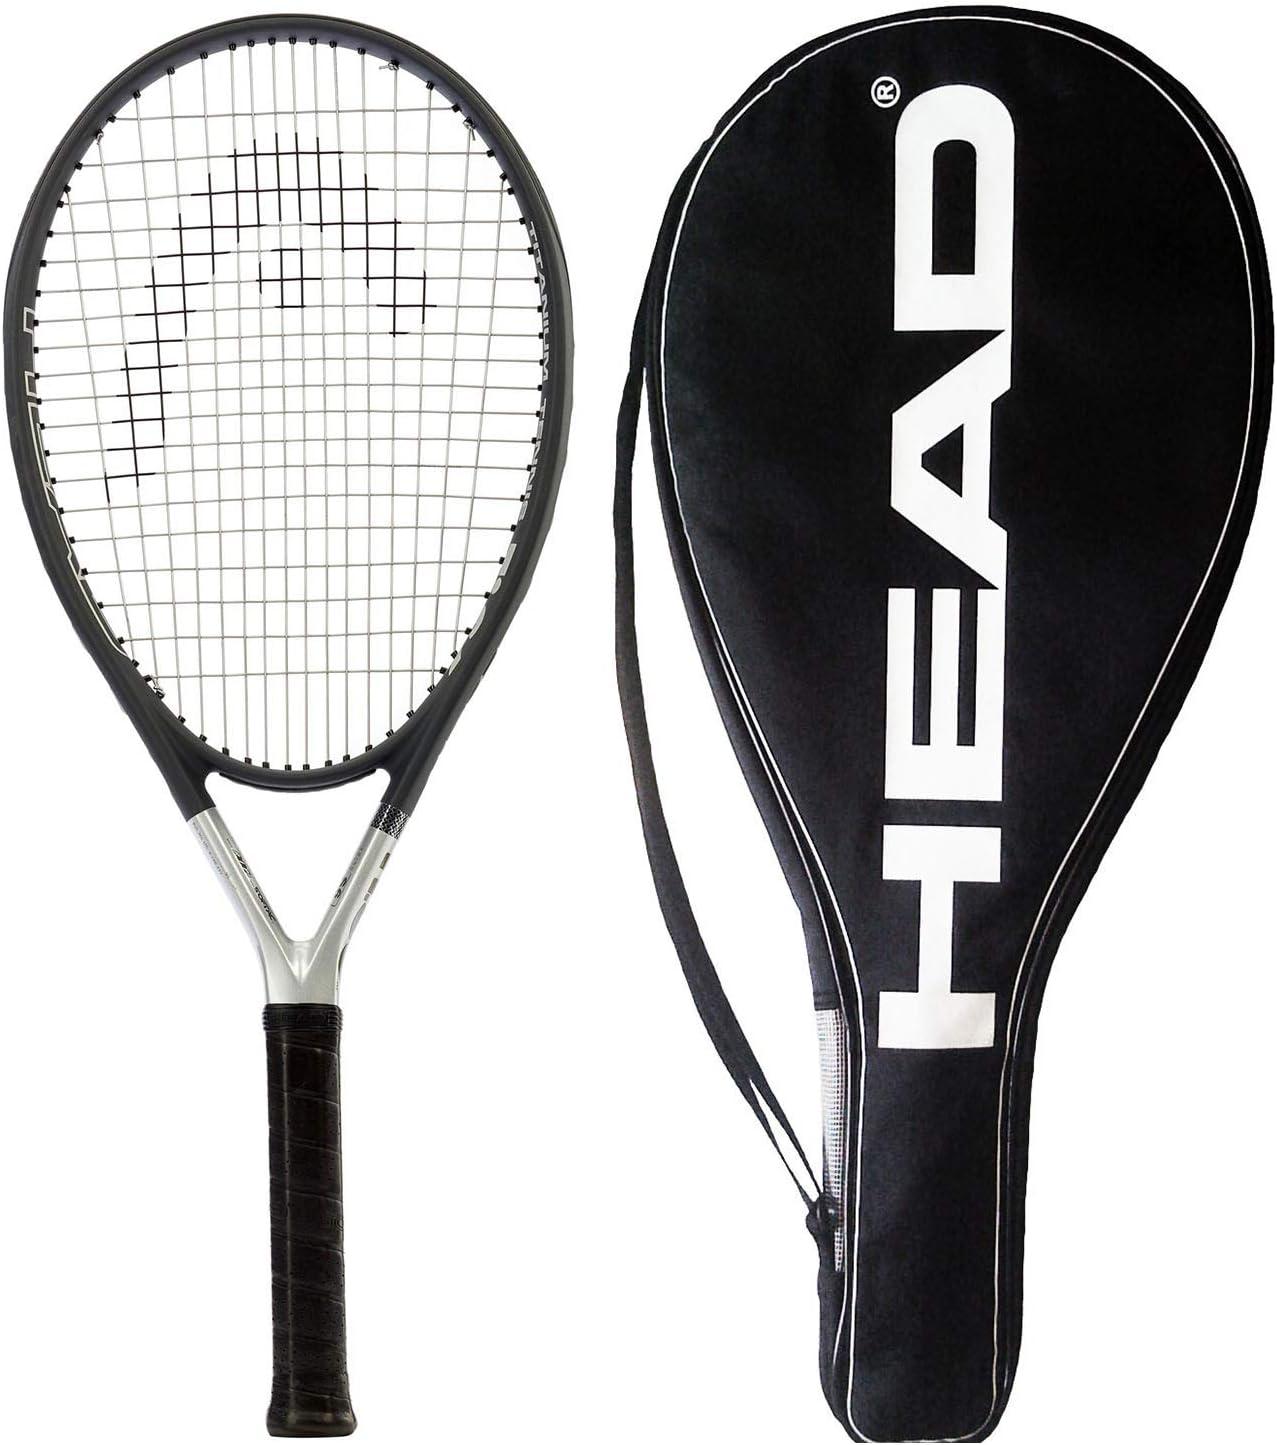 raqueta tenis comprar opiniones